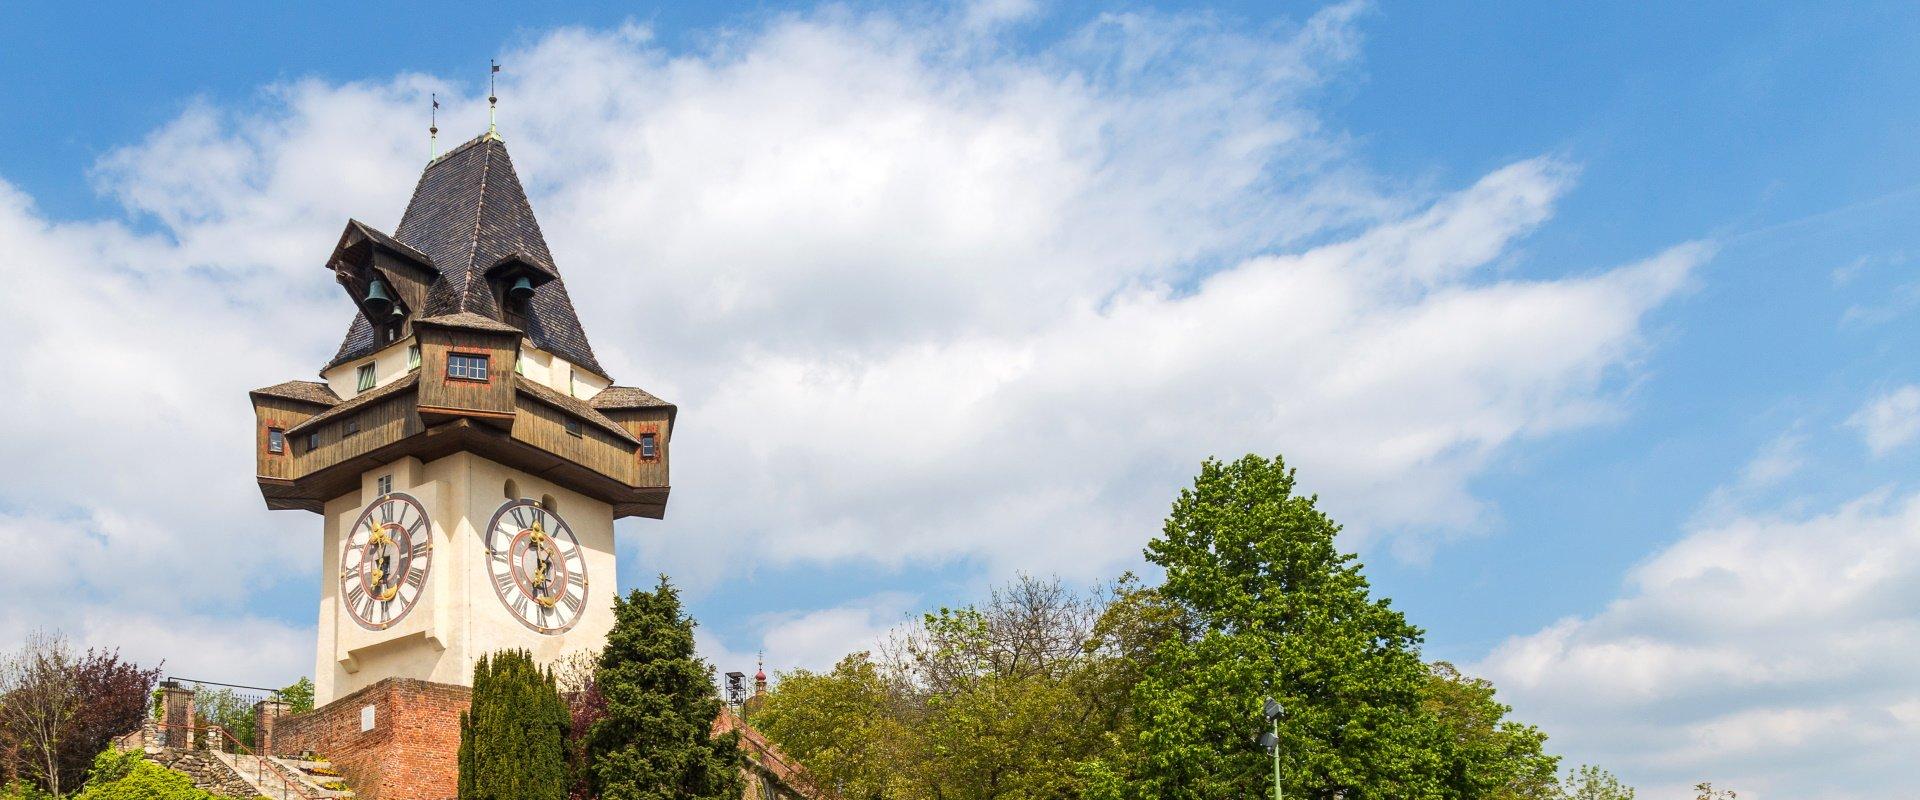 graz-uhrturm-oostenrijk.jpg